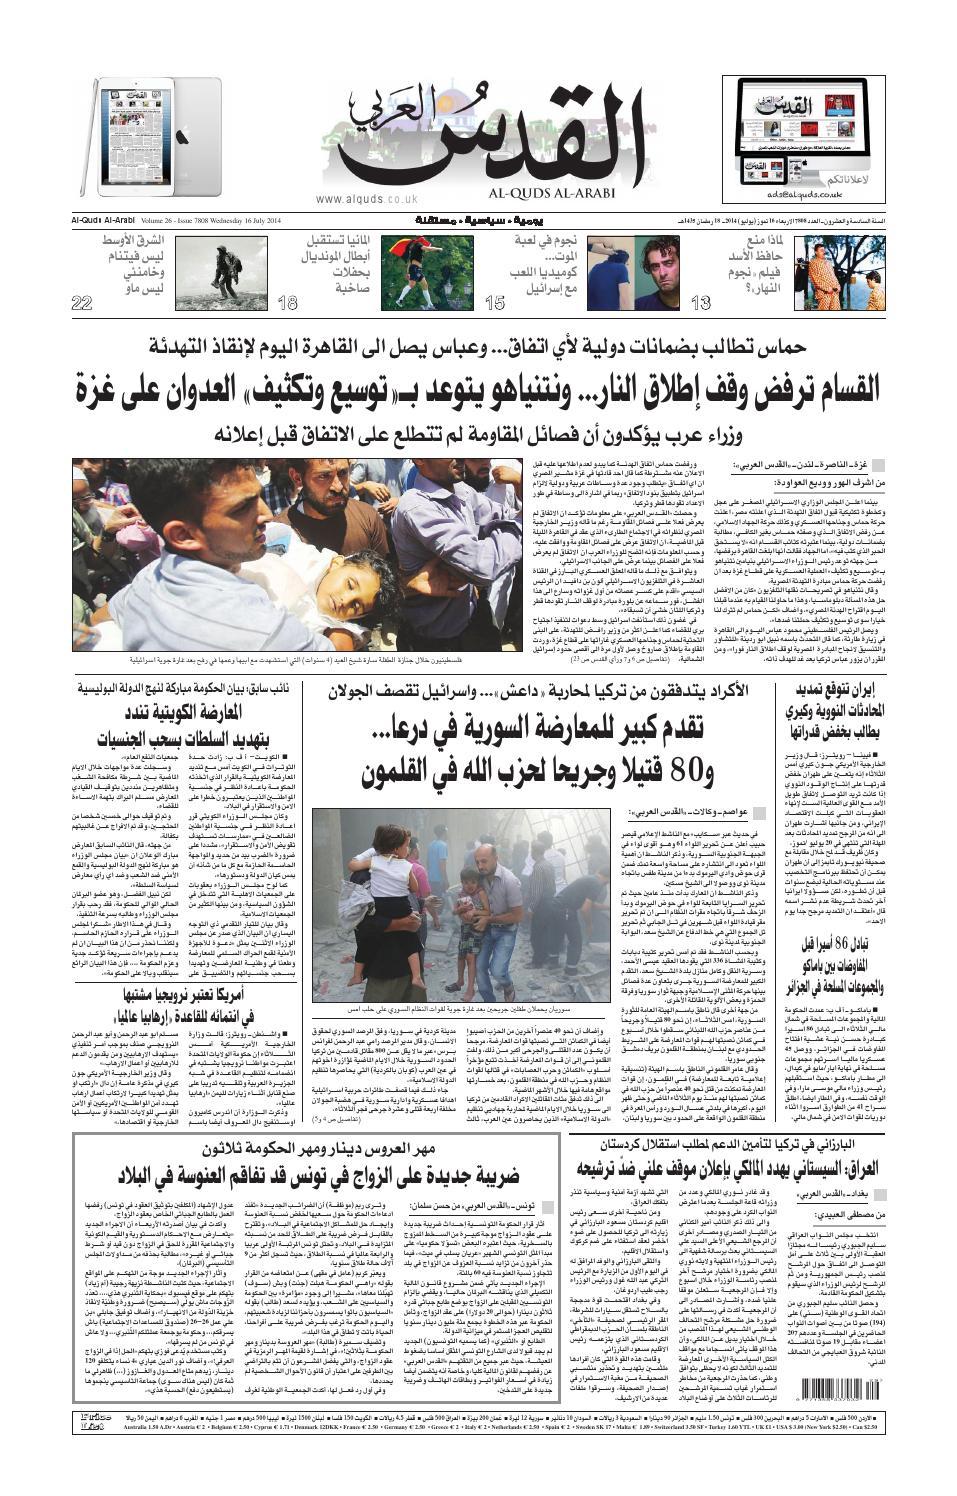 صحيفة القدس العربي , الأربعاء 16.07.2014 by مركز الحدث - issuu